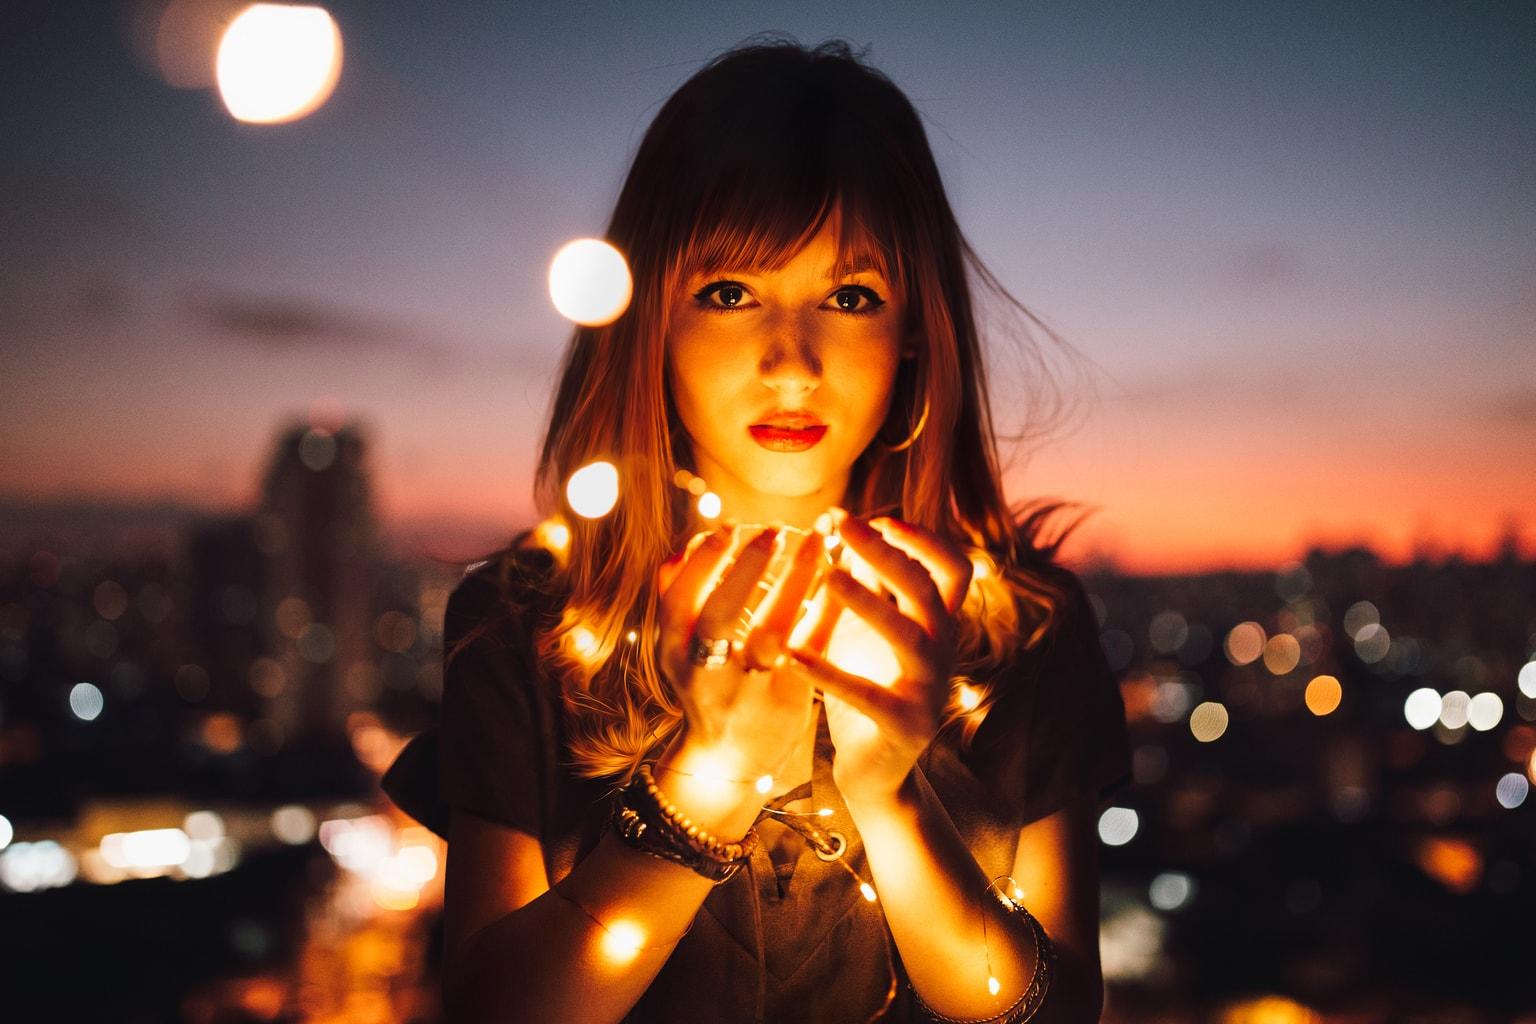 Girl holding lights